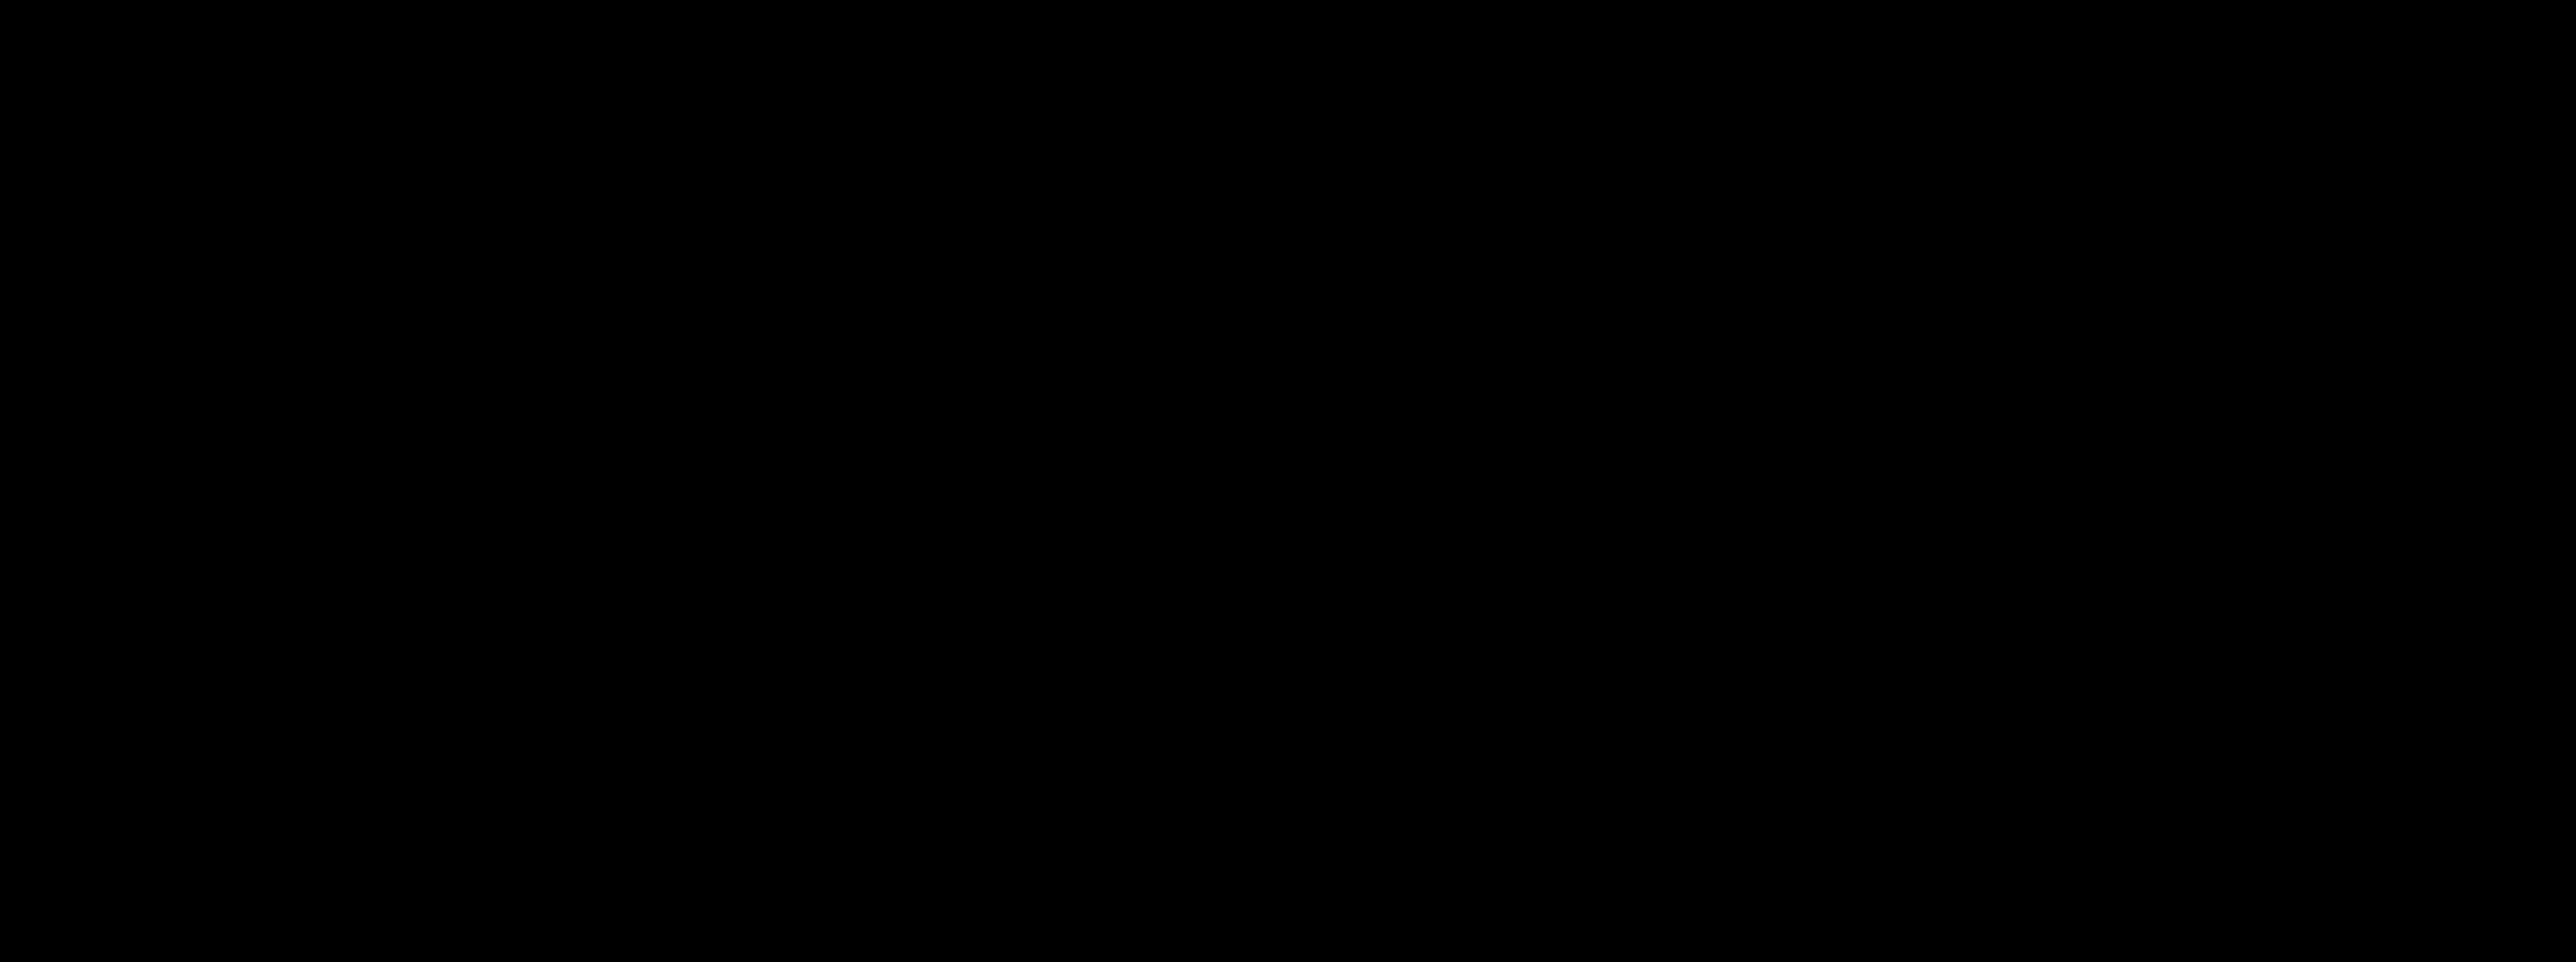 N-(4-Dansyl-d<sub>6</sub> amino)butyl-1-oleamide